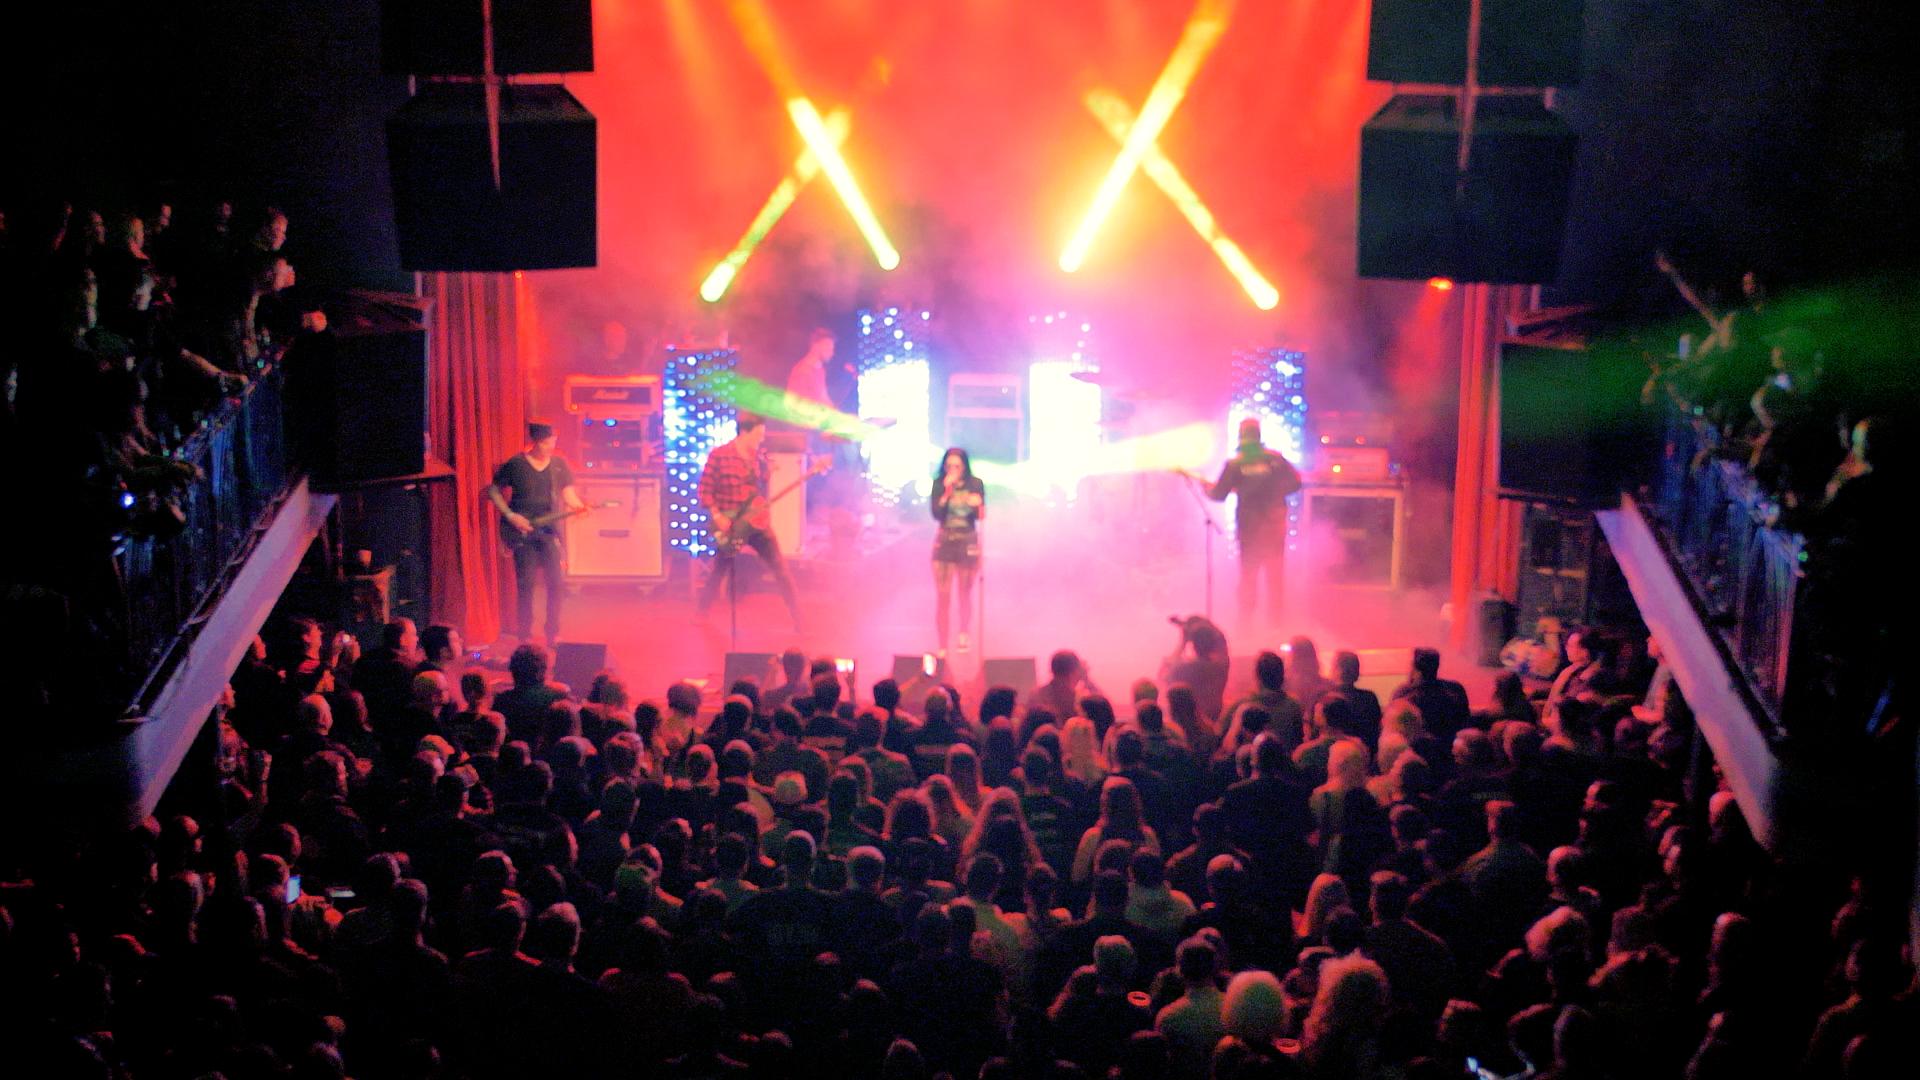 crowd xxxmas 4.jpg